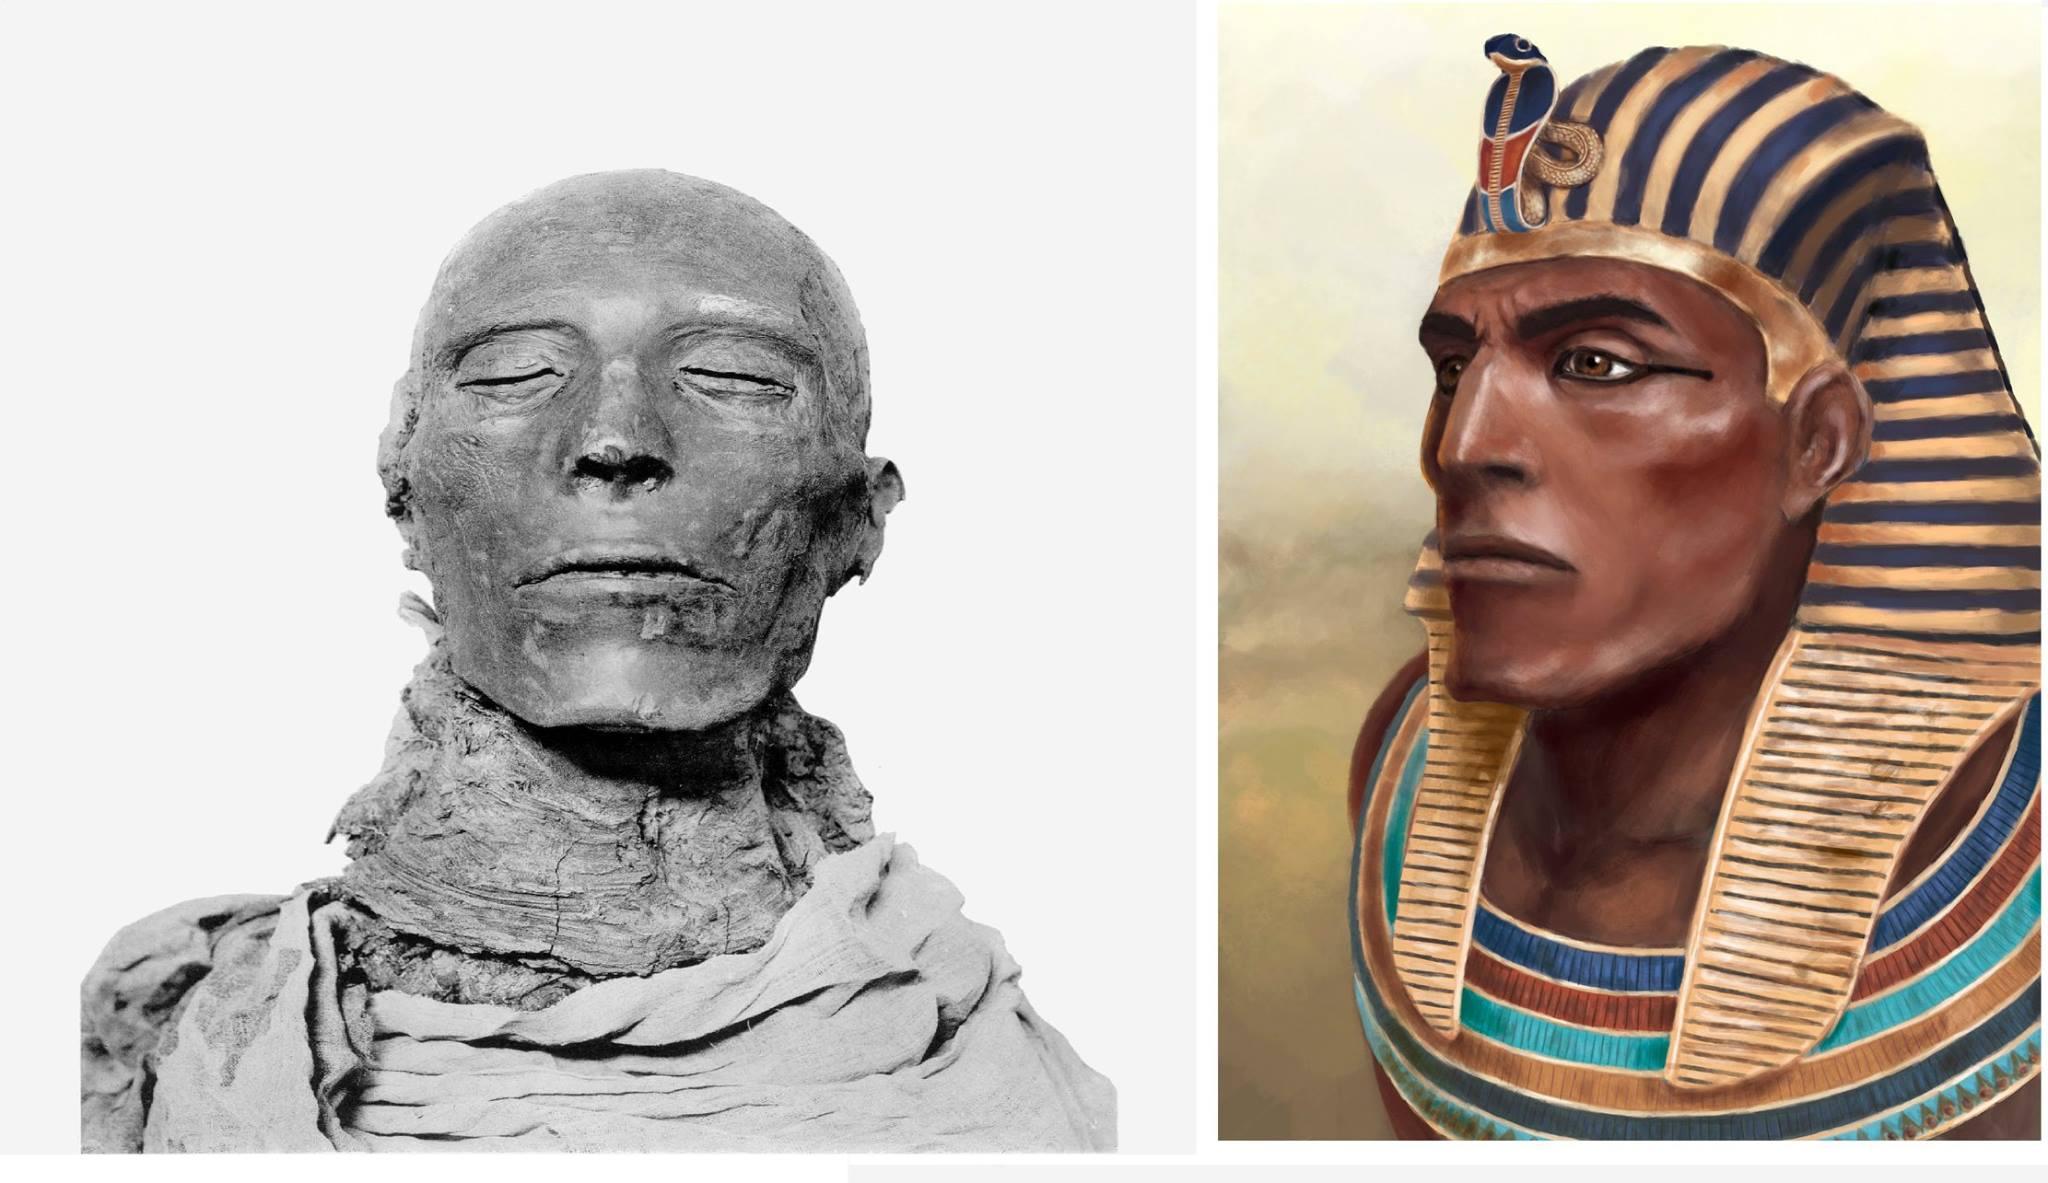 بالصور ما معنى فرعون , تعرف على معنى فرعون 3293 3